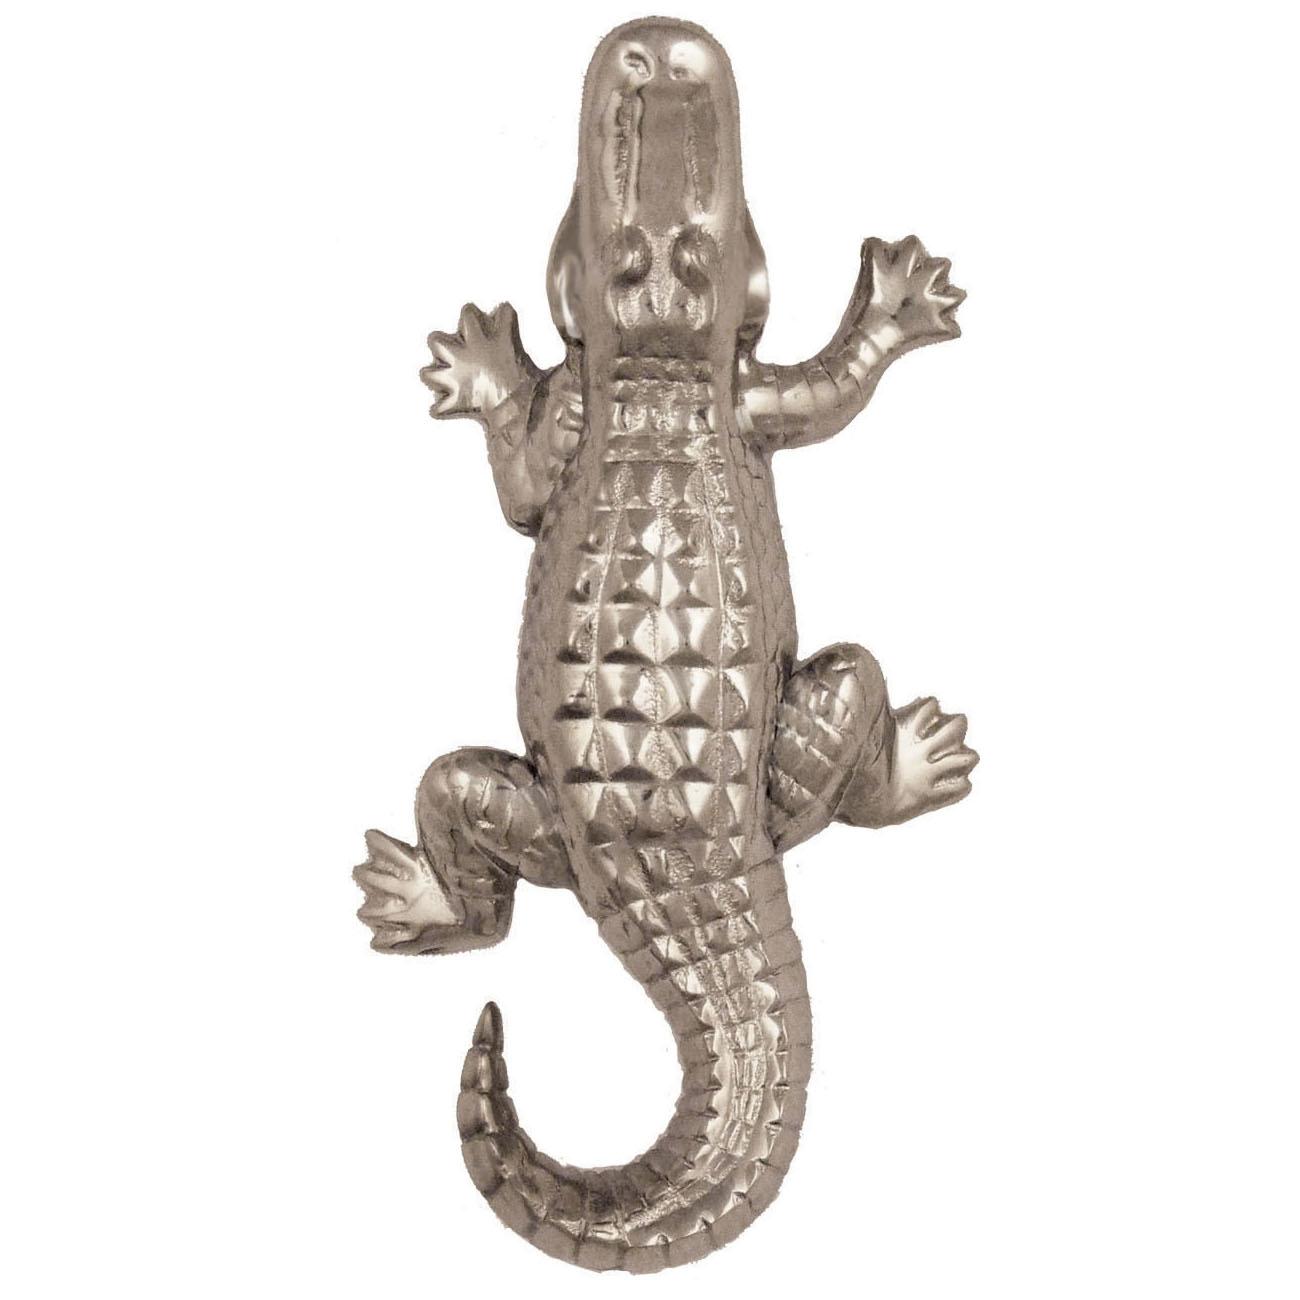 Alligator Doorbell Ringer - Nickel Silver